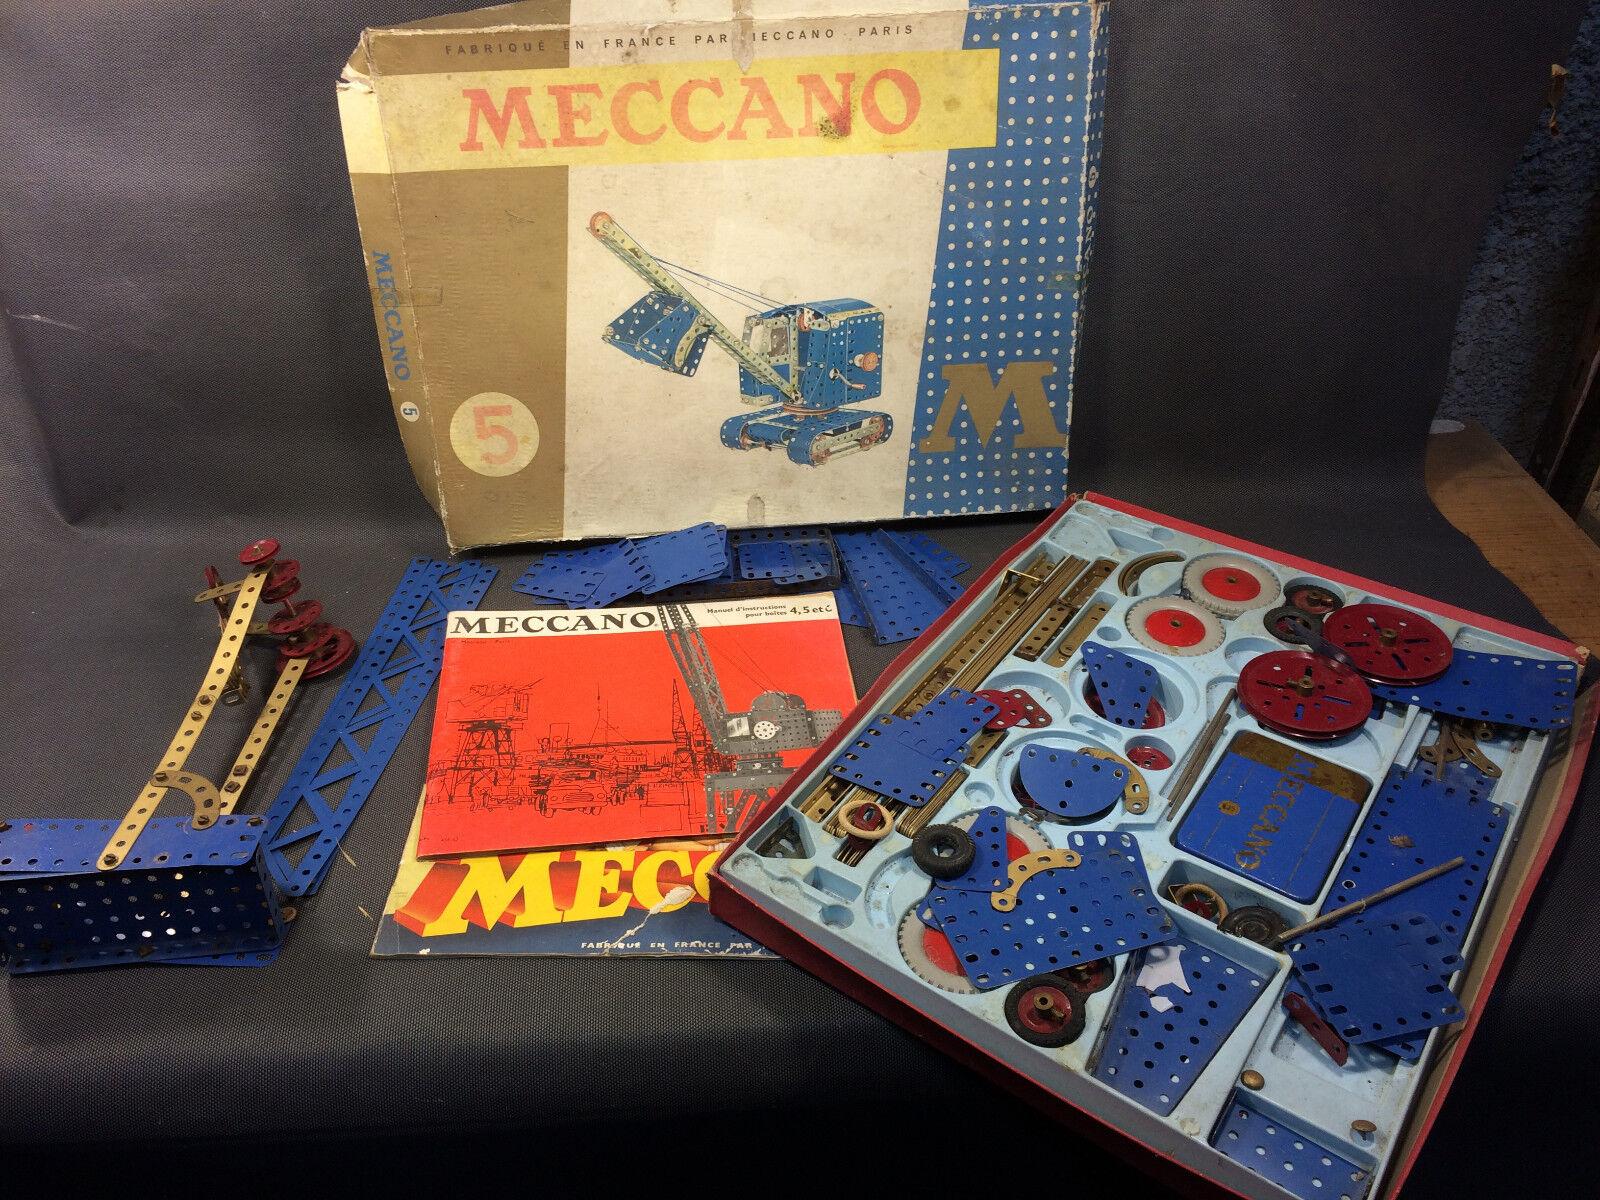 Antik Dose Meccano  5 Unvollständig + Diverse Elemente Räder Grooved mit